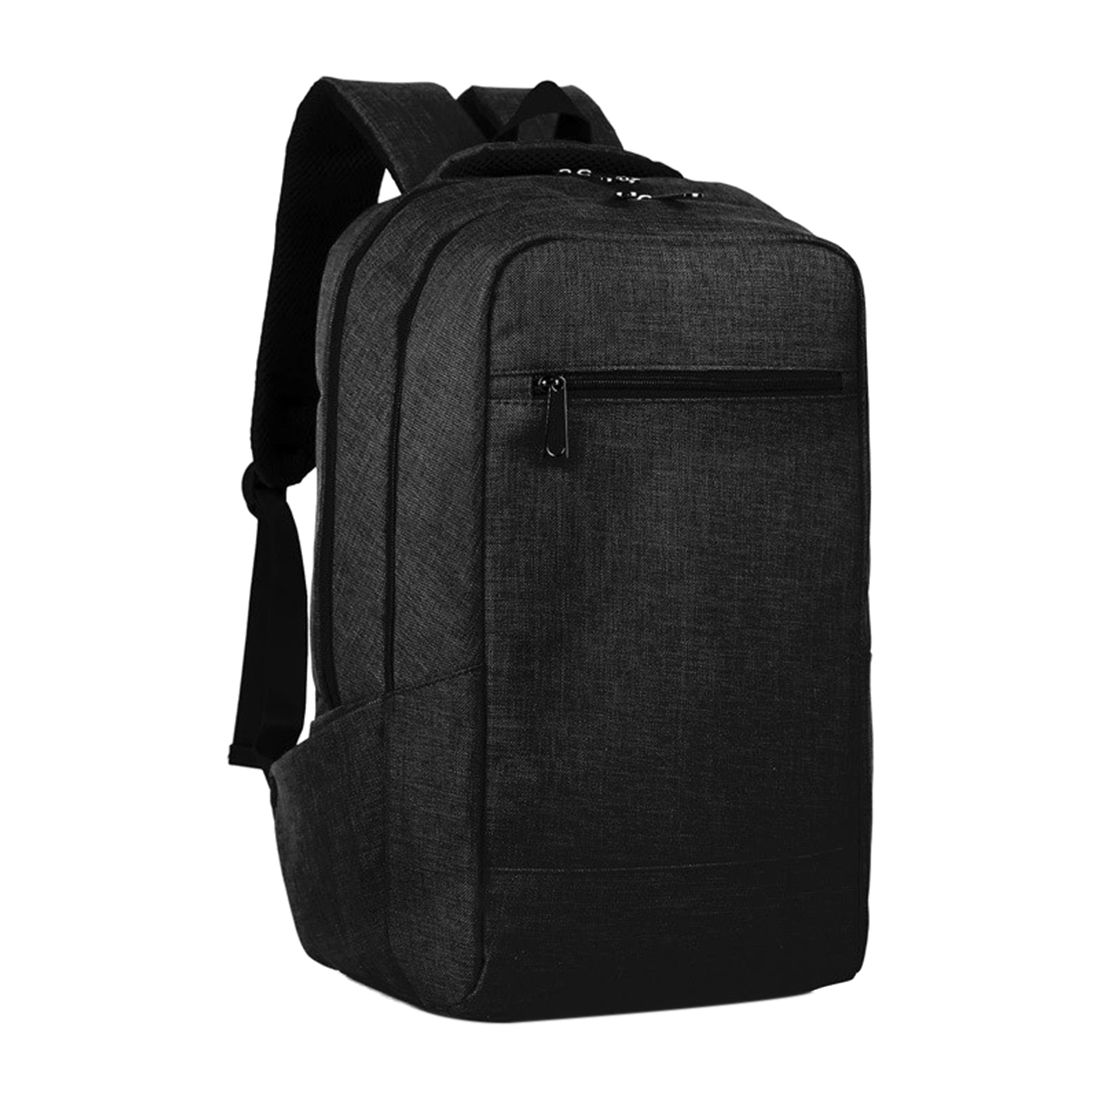 Hotel Transylvania Classic Travel Laptop School Backpack Lightweight Backpack with Bottle Side Pockets Adjustable Shoulder Straps